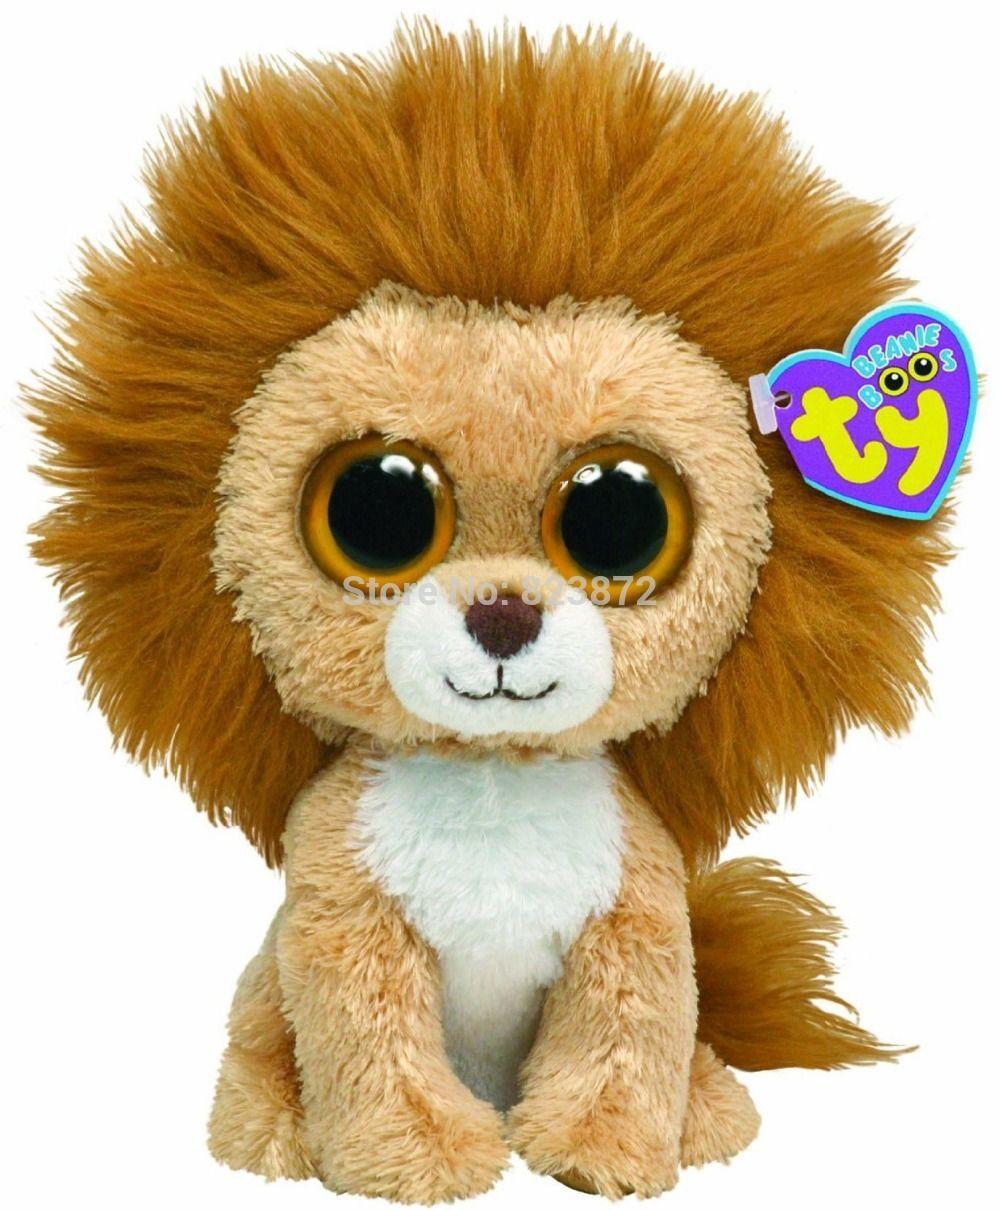 TY Plush Animals Beanie Boos King the Lion Plush Toys 6